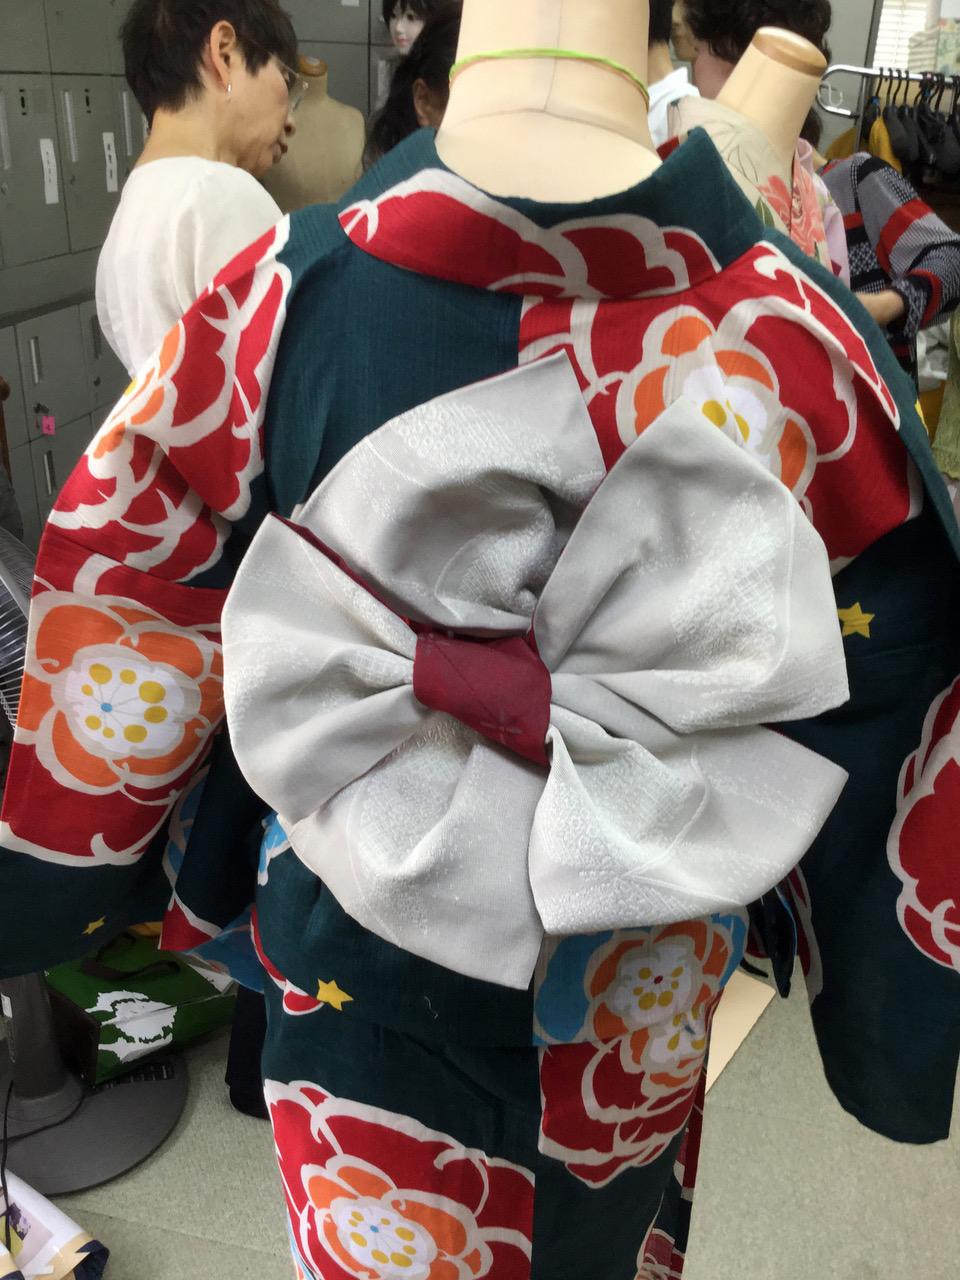 http://kimonokitsuke.com/news/%E3%82%86%E3%81%8B%E3%81%9F%E3%81%A6%E3%82%99%E3%81%8D%E3%82%93%E7%A5%AD2.jpeg